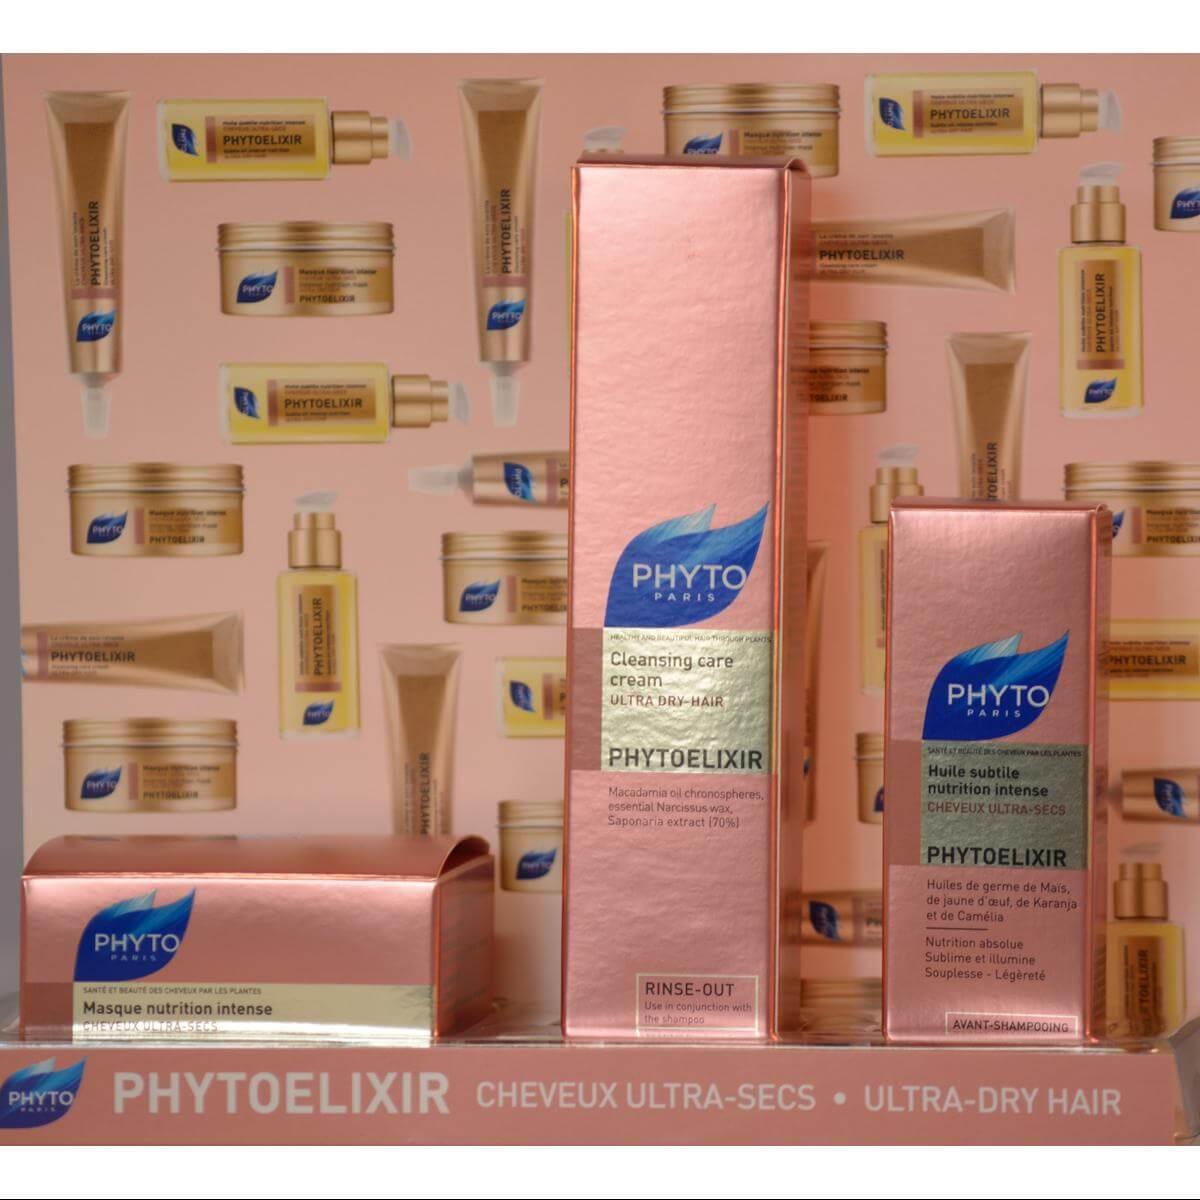 Phyto PhytoElixir Subtile Elixir Huile de Brillance 10ml, la Creme de Soin Lavante 30ml & Masque Nutrition 50ml